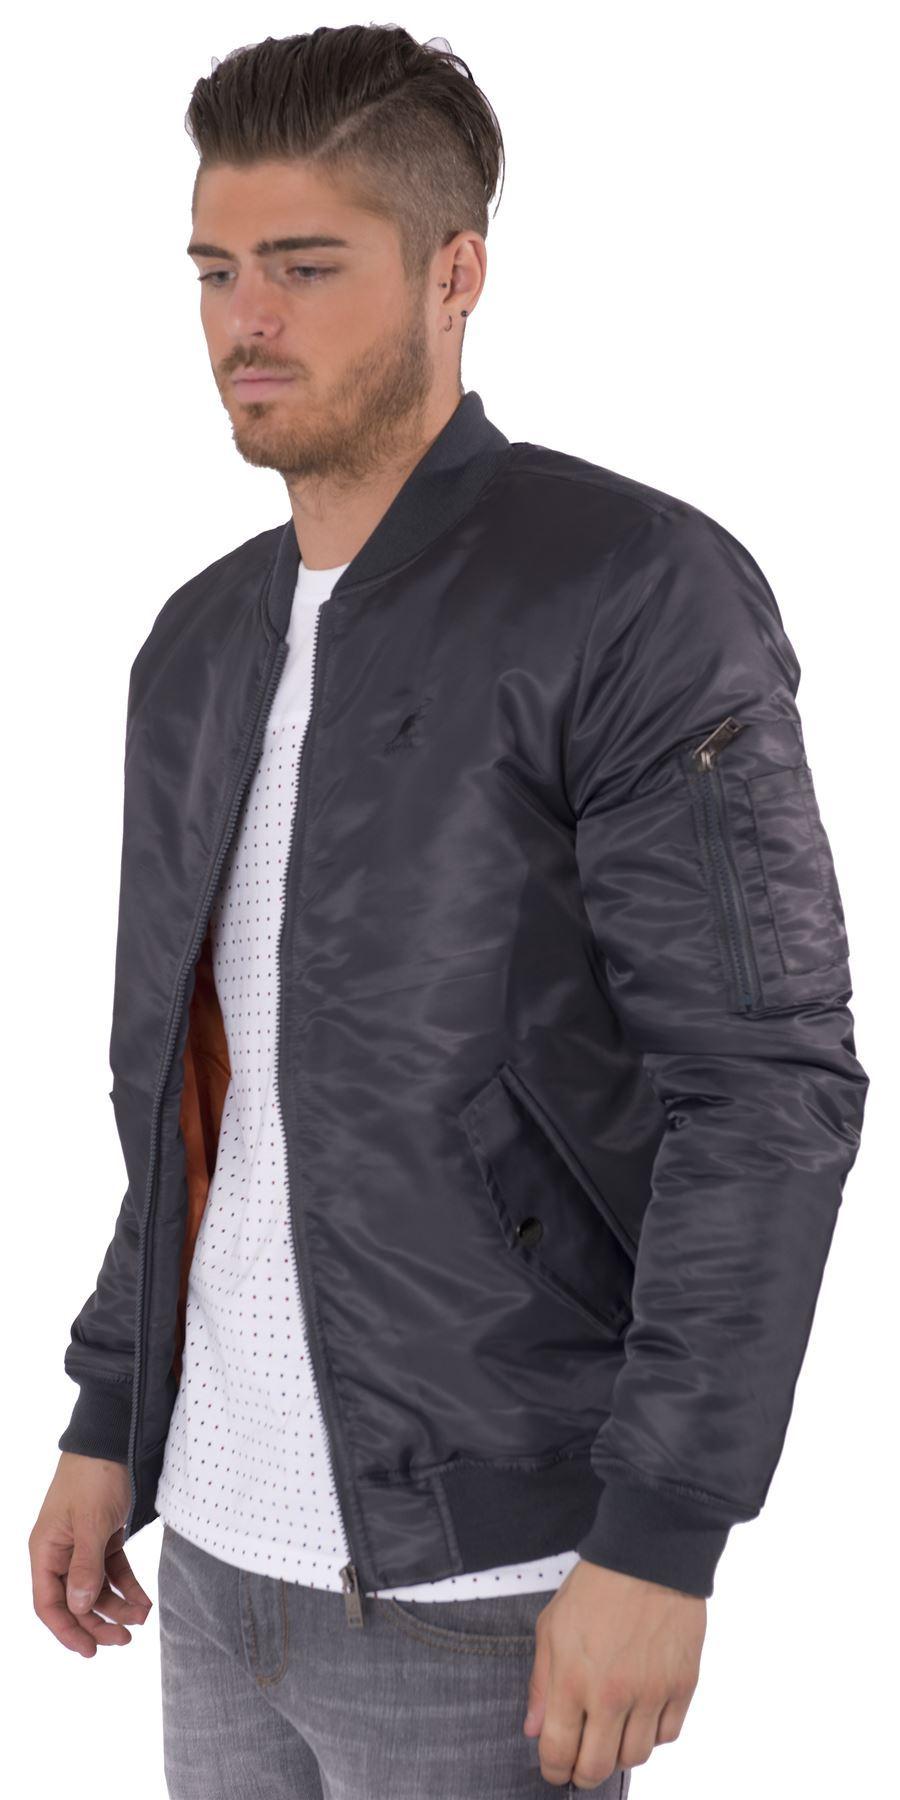 Kangol Mens Designer Bomber Jacket Winter Coat Sizes S-XL | eBay